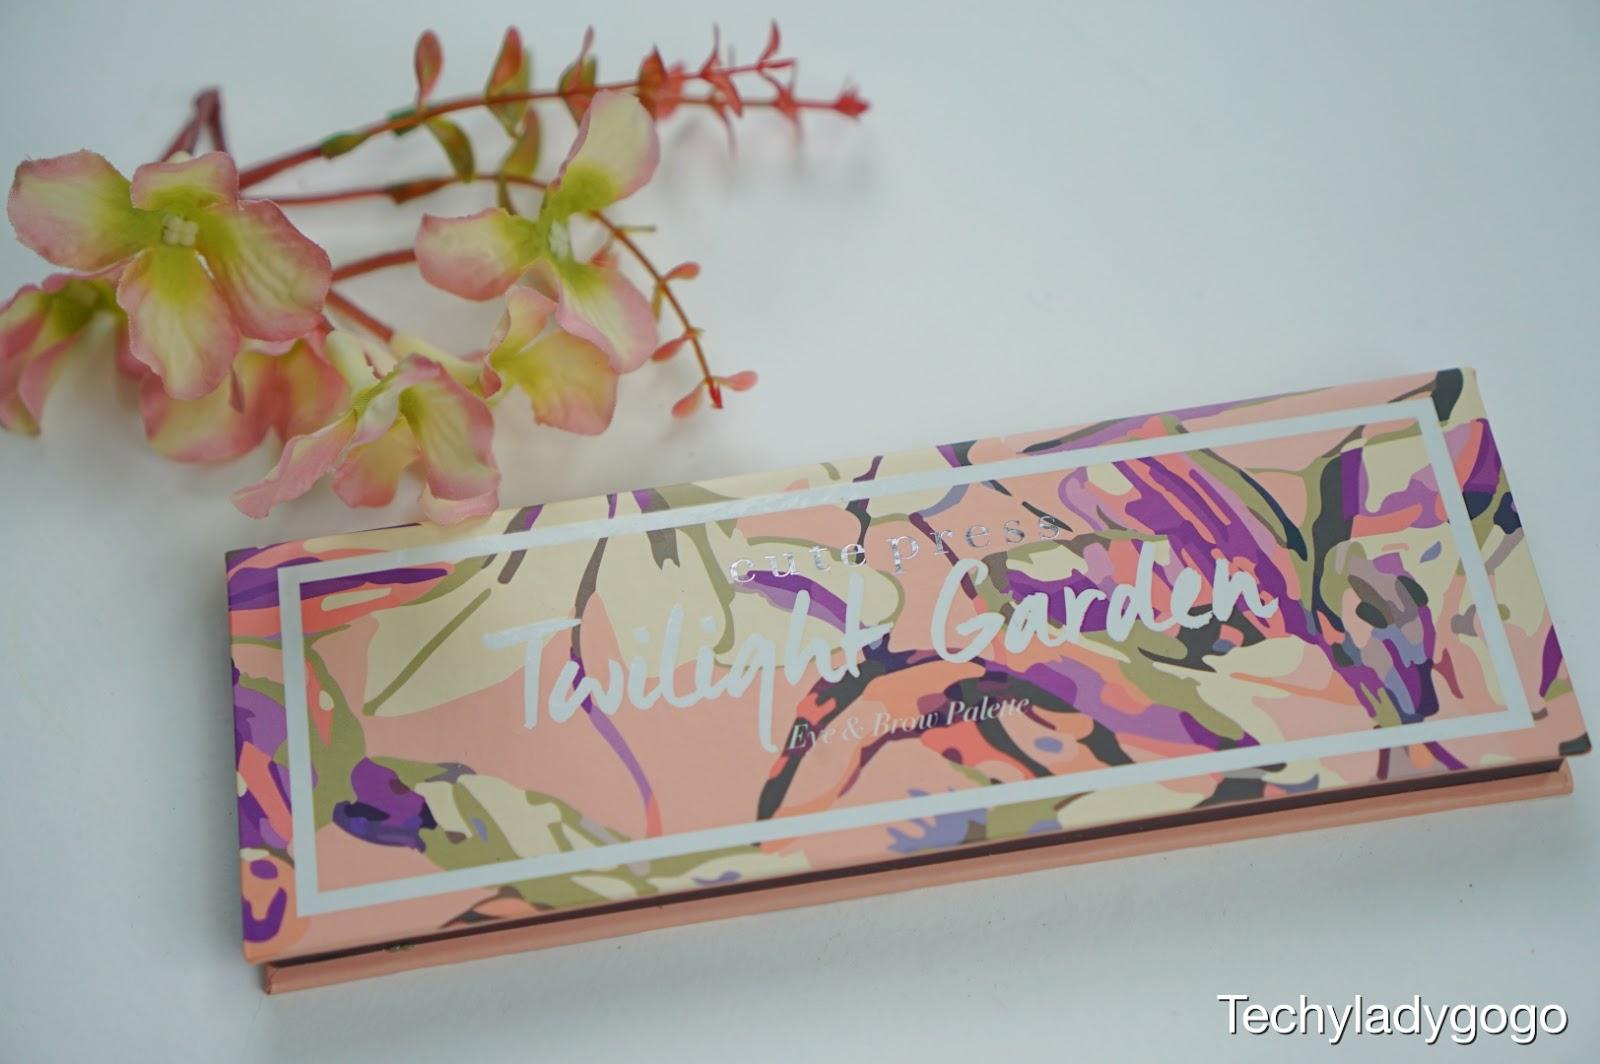 คิวท์ เพรส ทไวไลท์ การ์เด้น อาย แอนด์ โบรว์ พาเลทท์ (Cute Press Twilight Garden Eye and Brow Palette) เป็นพาเลทท์ที่มีสีฝุ่นให้แต่งแต้ม ได้ทั้งดวงตา และ เรียวคิ้ว แหม ๆ ตลับนี่ให้บรรยากาศ สวนดอกไม้มาก ๆ เลย ตลับเป็นกระดาษแข็งนะคะแต่ก็แข็งแรงทนทานให้อารมณ์ธรรมชาติ ๆ